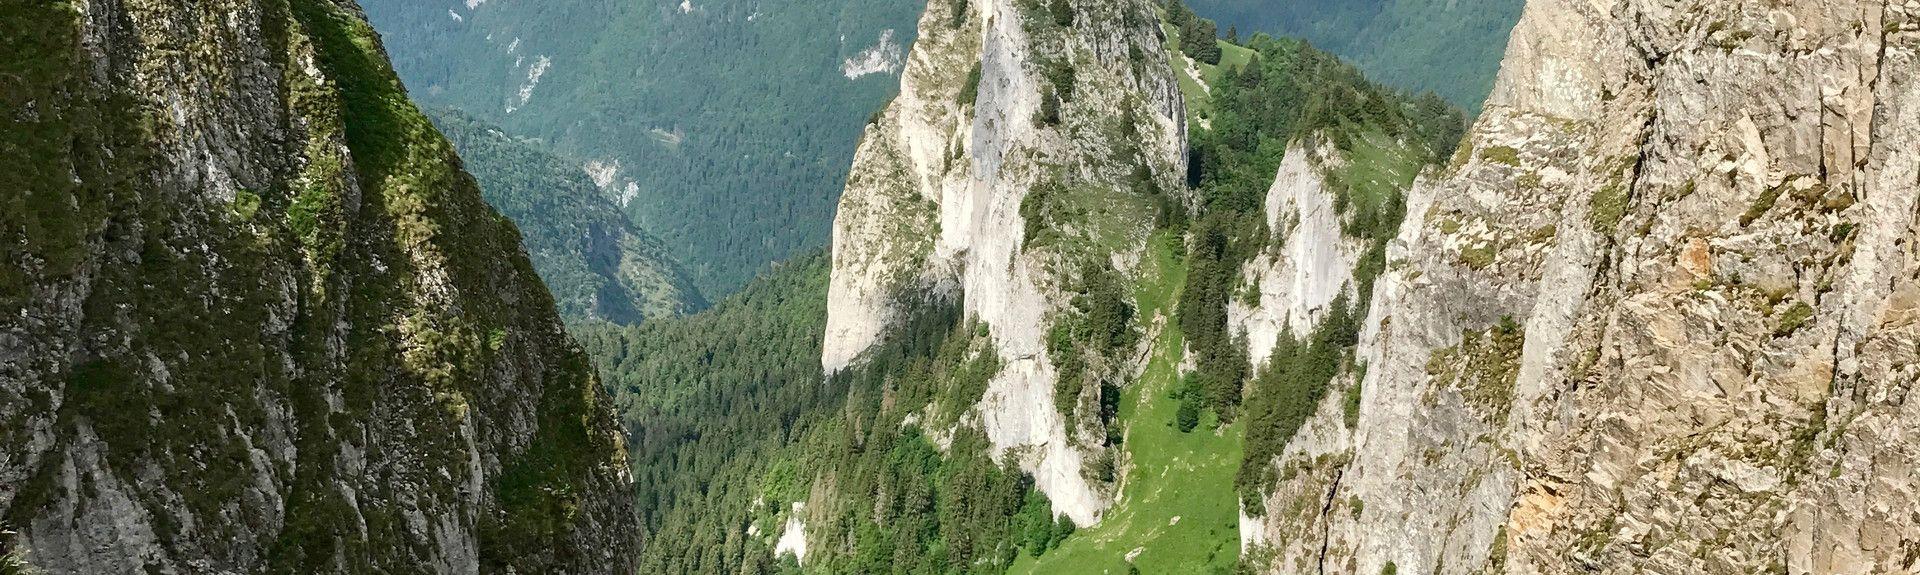 Yvoire, Haute-Savoie (departement), Frankrijk